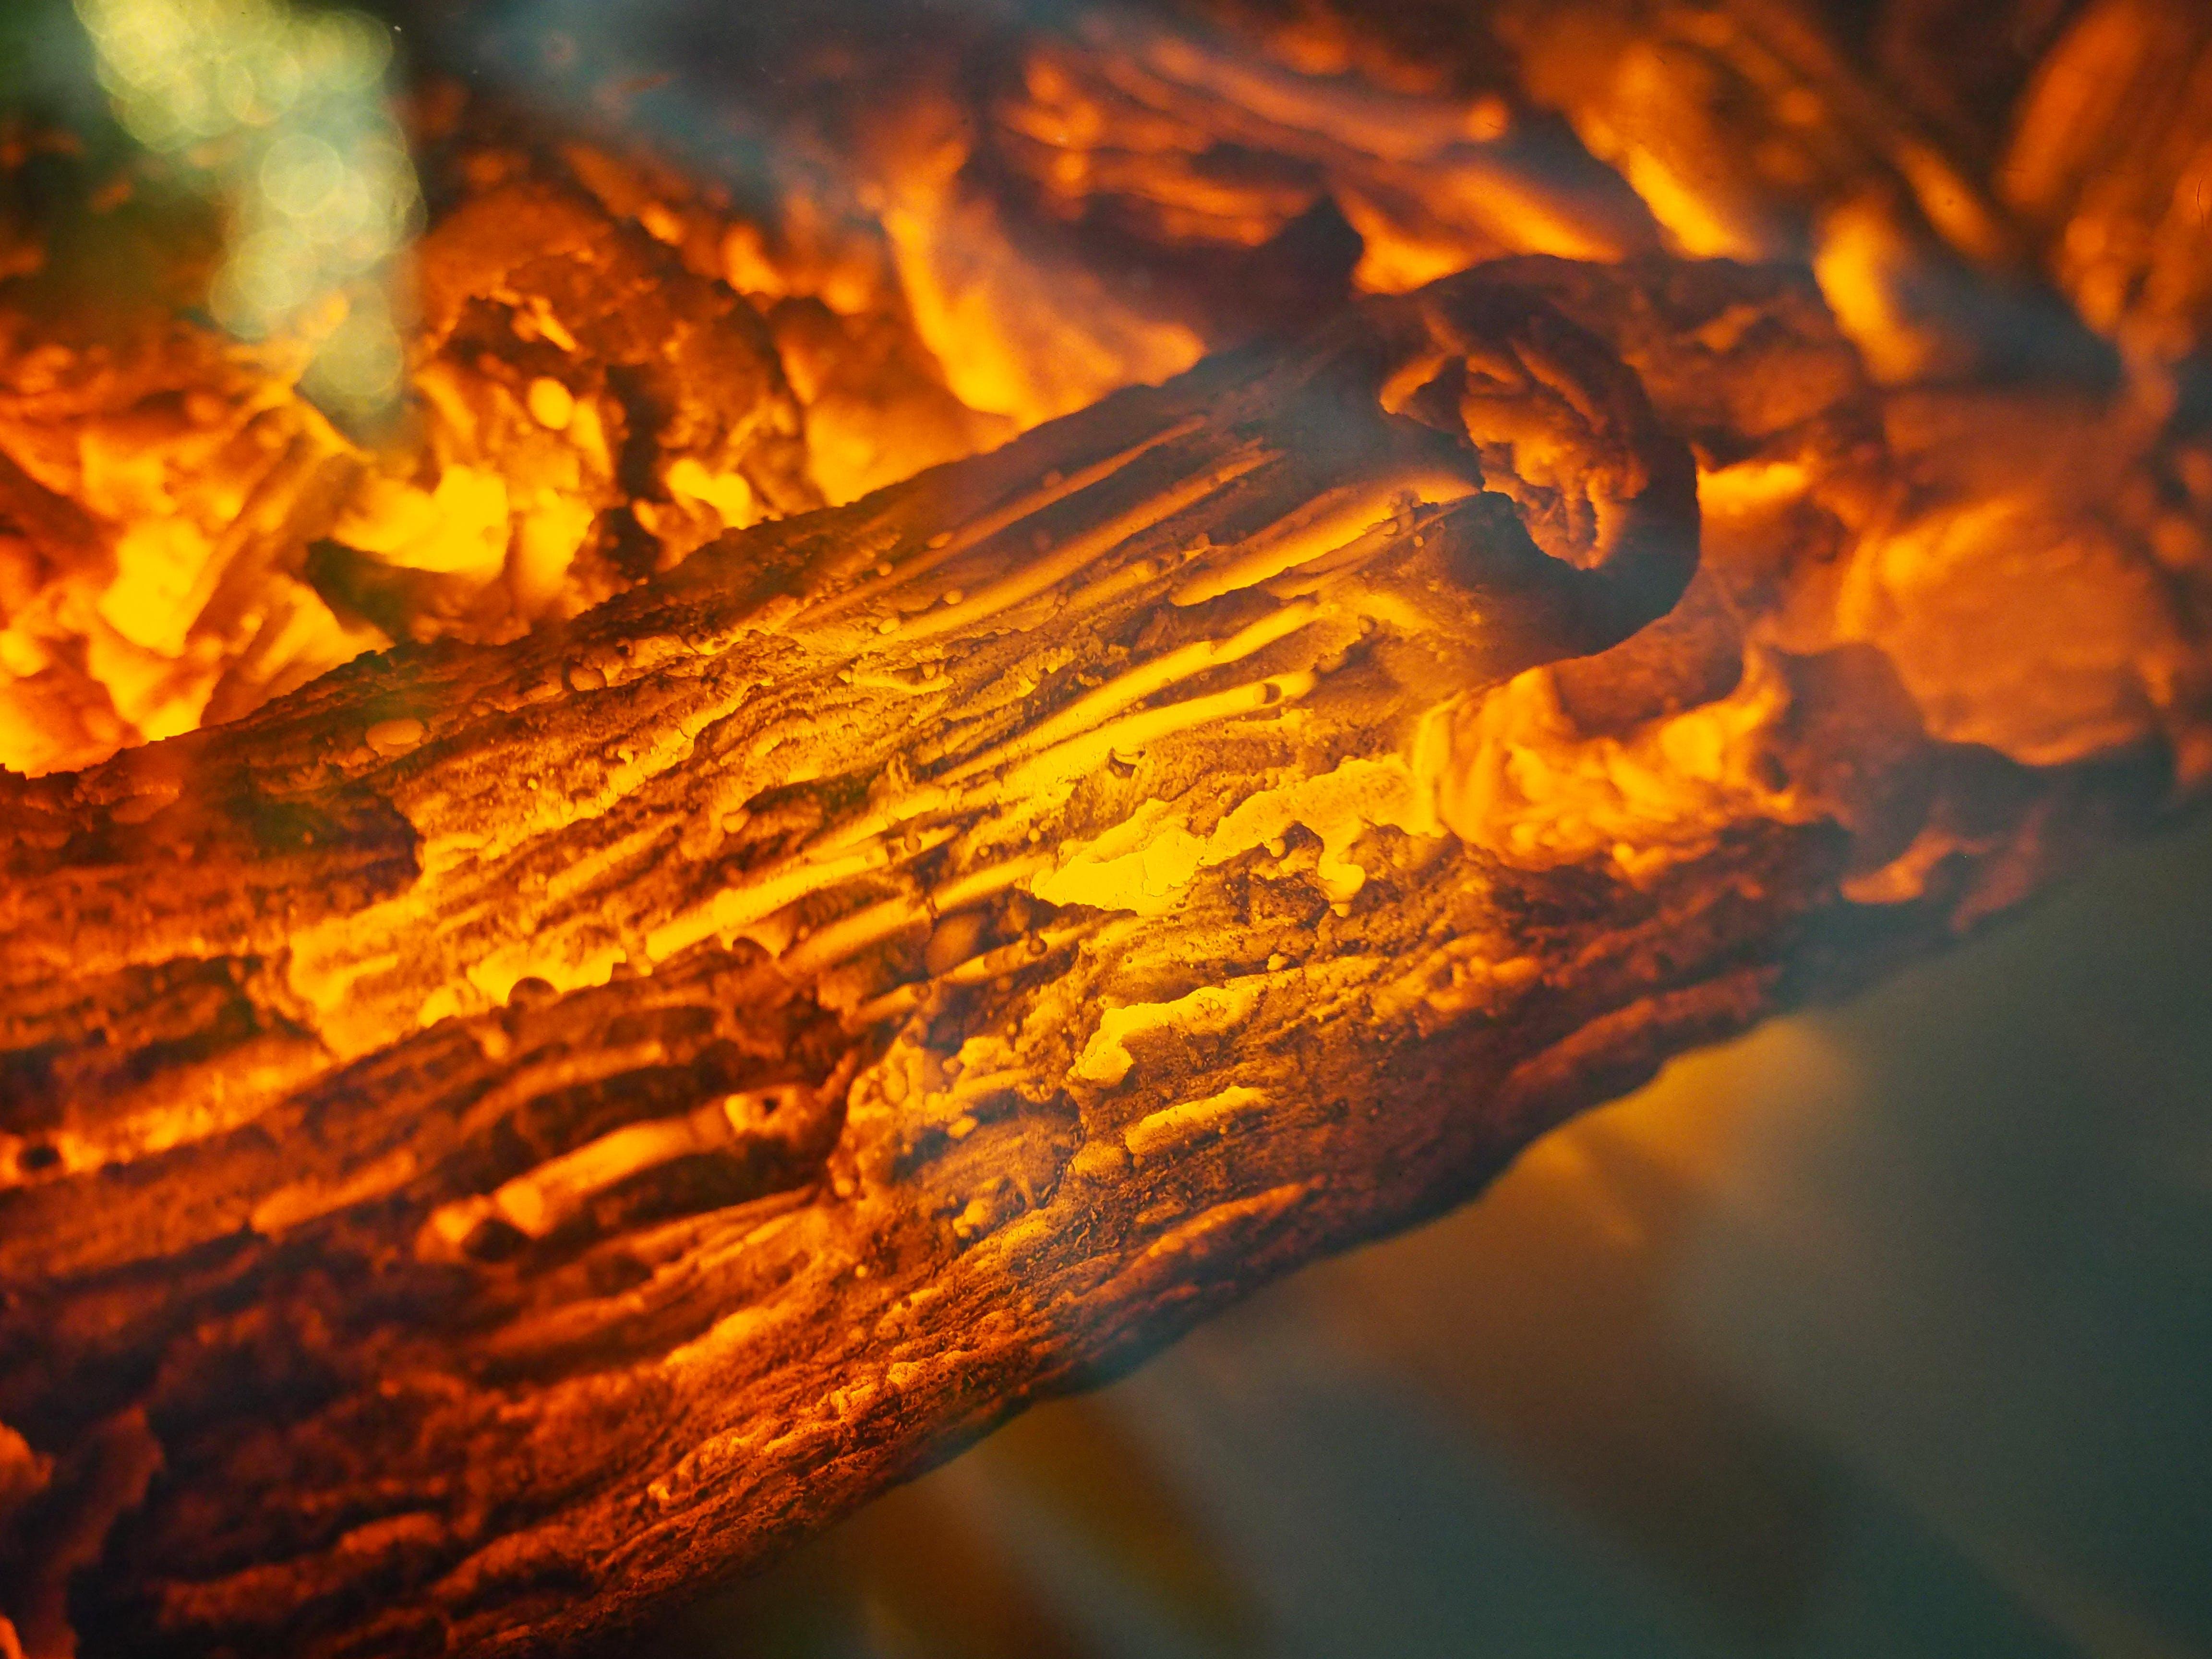 たき火, エンバー, ホット, マクロの無料の写真素材